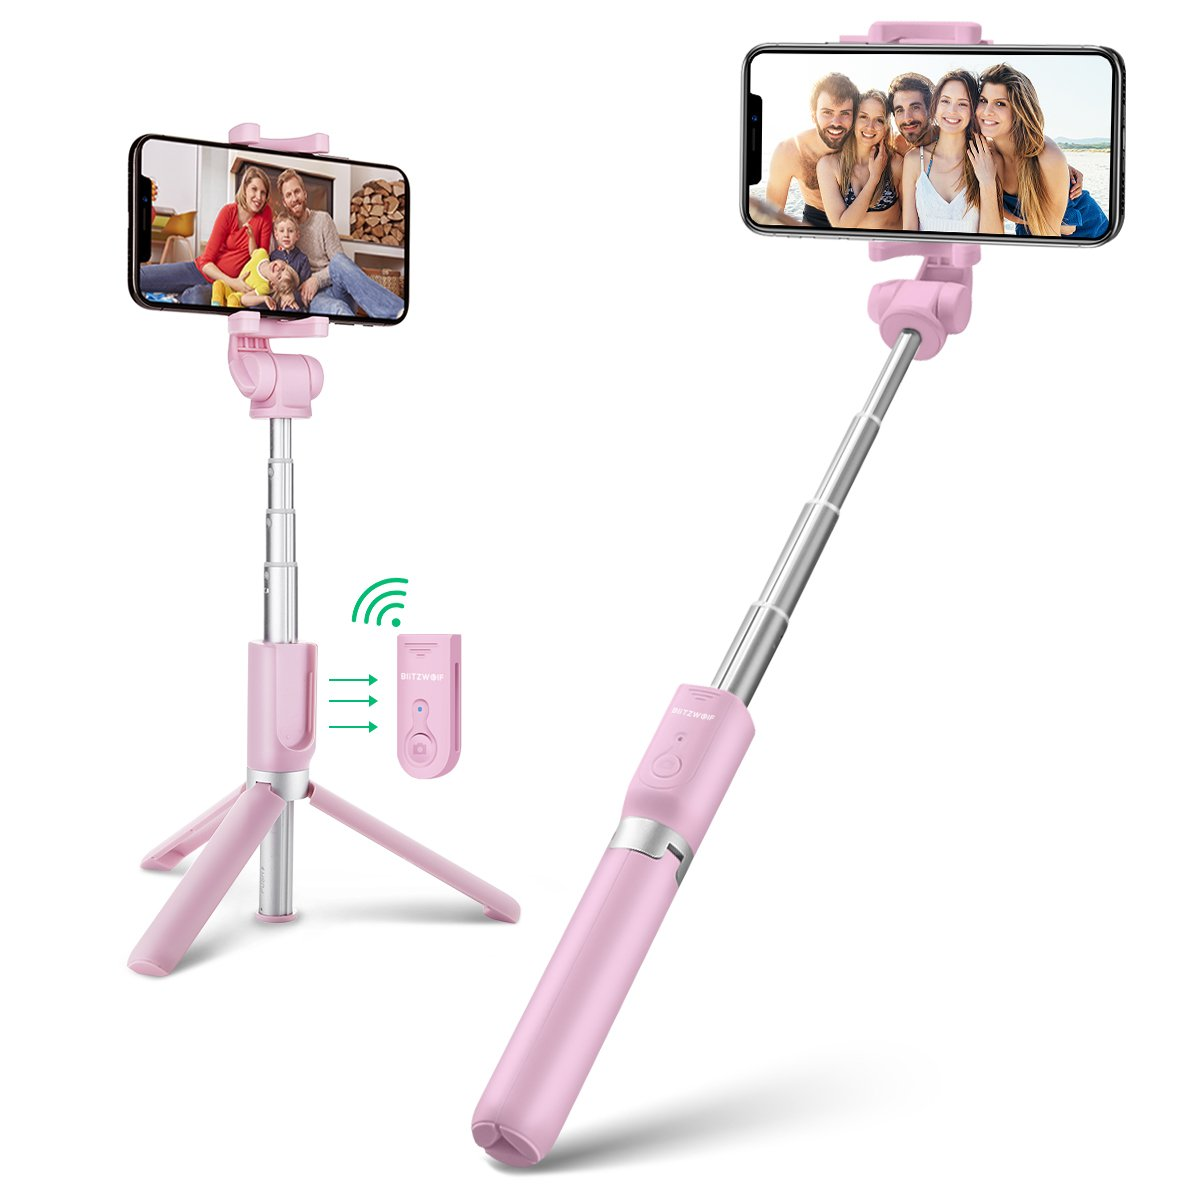 BlitzWolf Palo Selfie Trí pode con Control Remoto para iPhone Android Samsung Galaxy de 3.5-6 Pulgadas 3 en 1 Monó pode Extensible Mini Selfie Stick Bolsillo Inalá mbrico 360° Rotació n(Rosado) BW-BS3-P